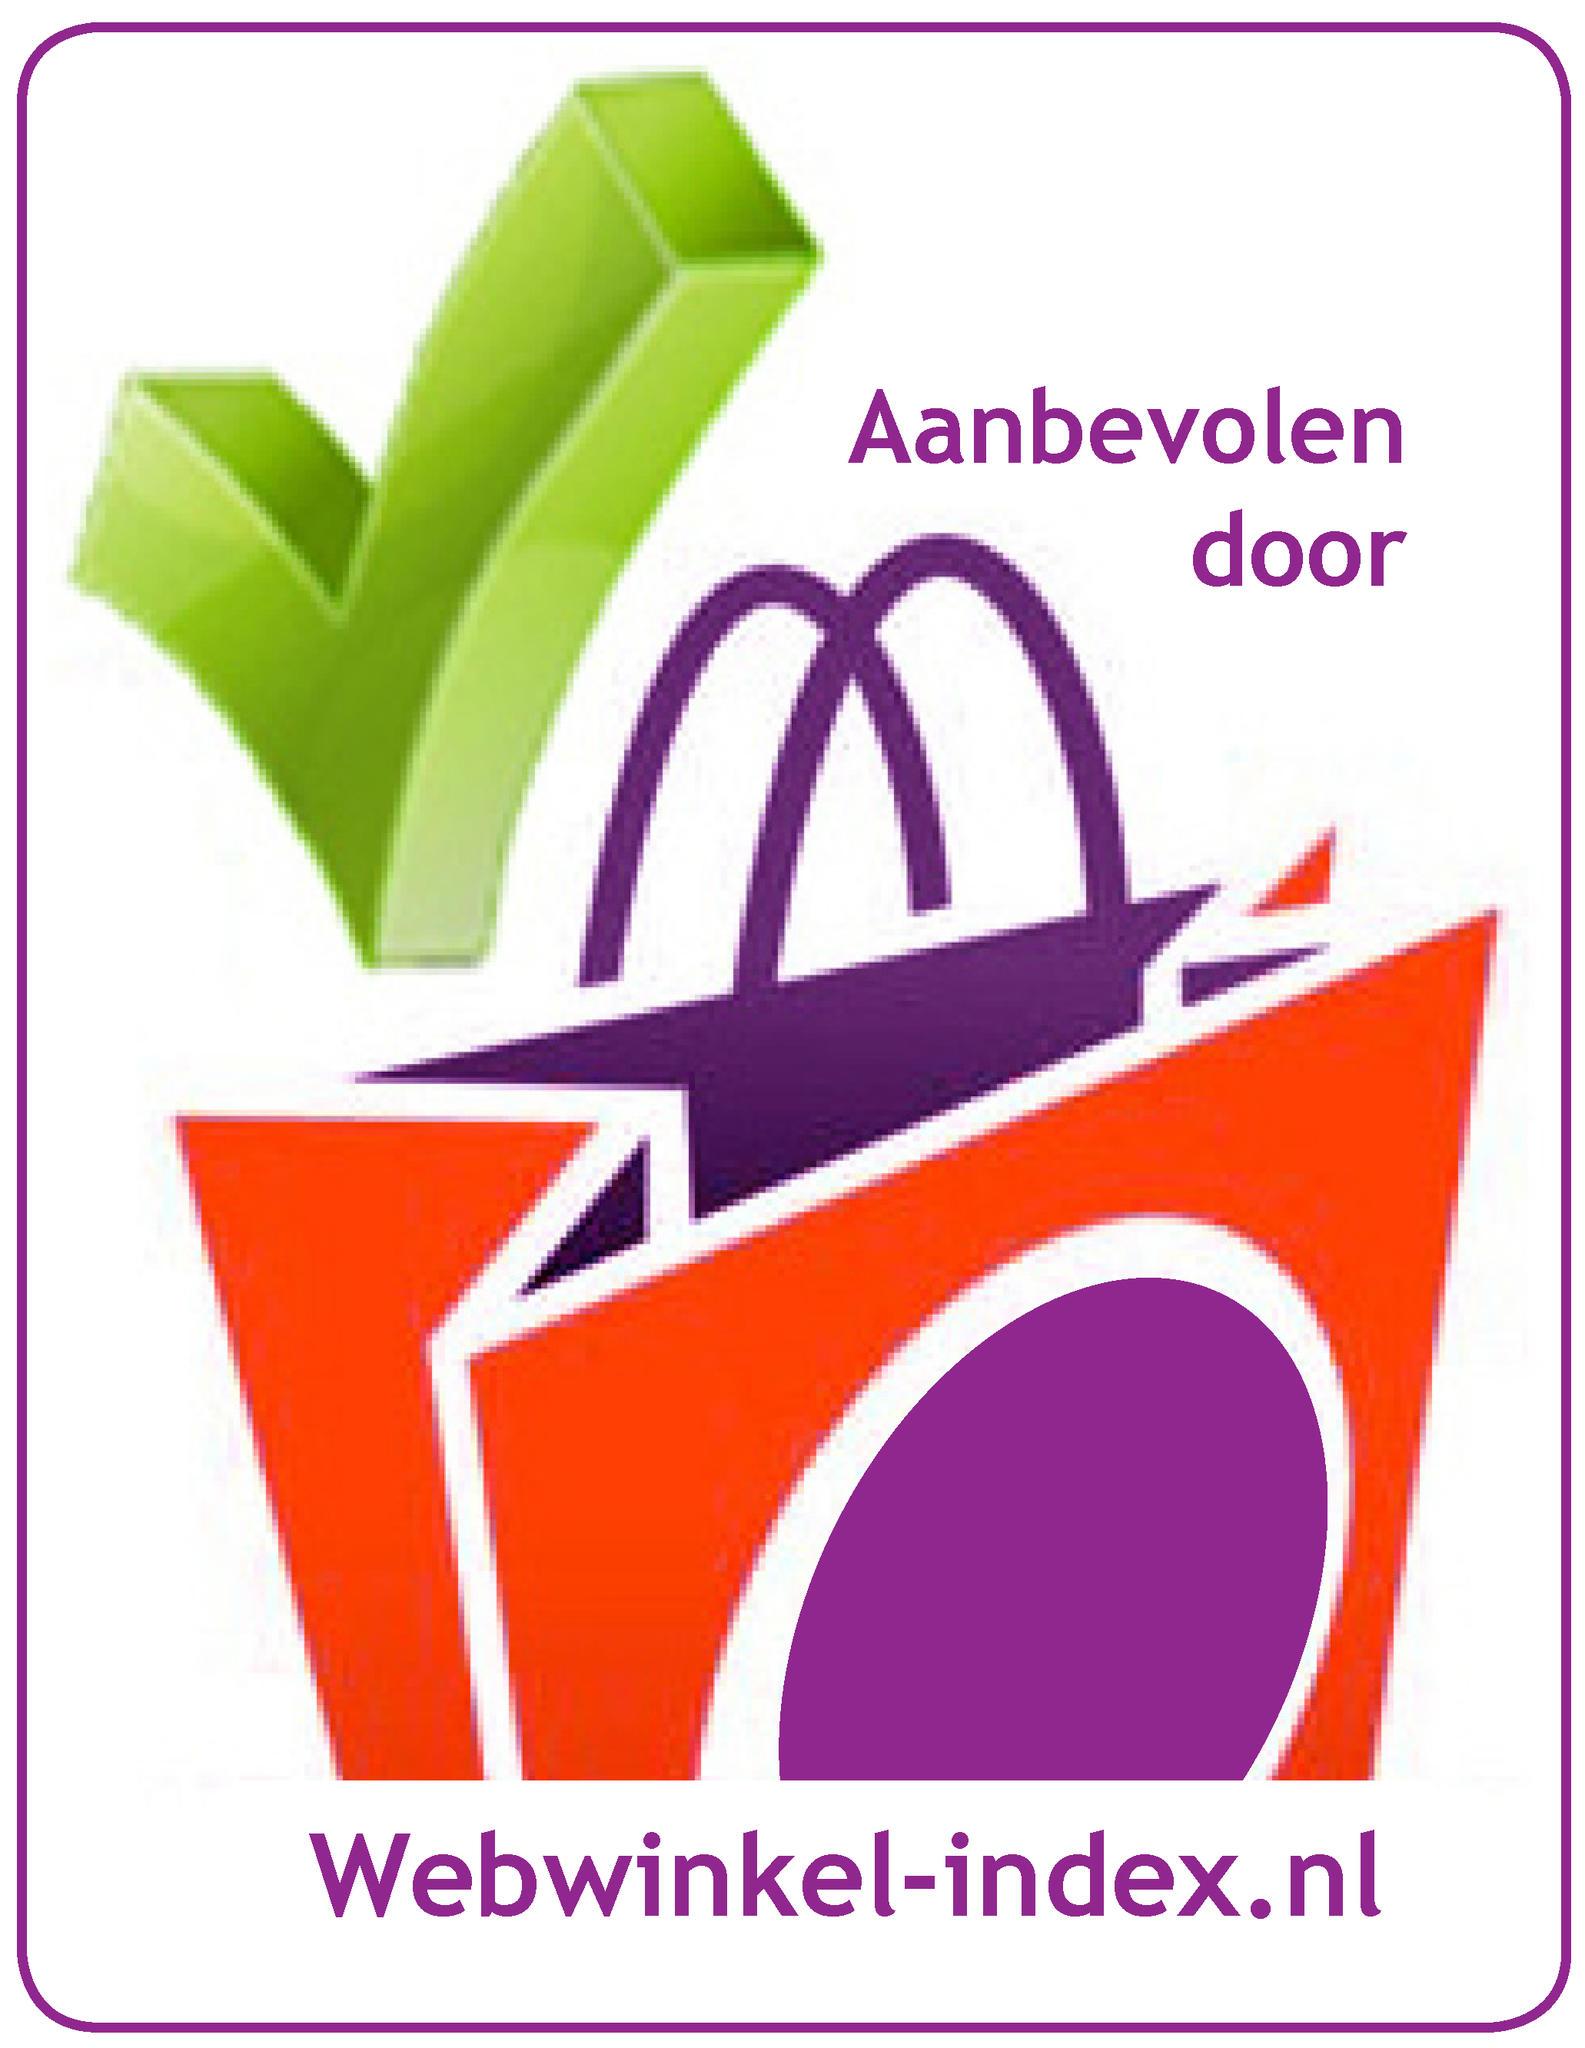 Webwinkel-index.nl